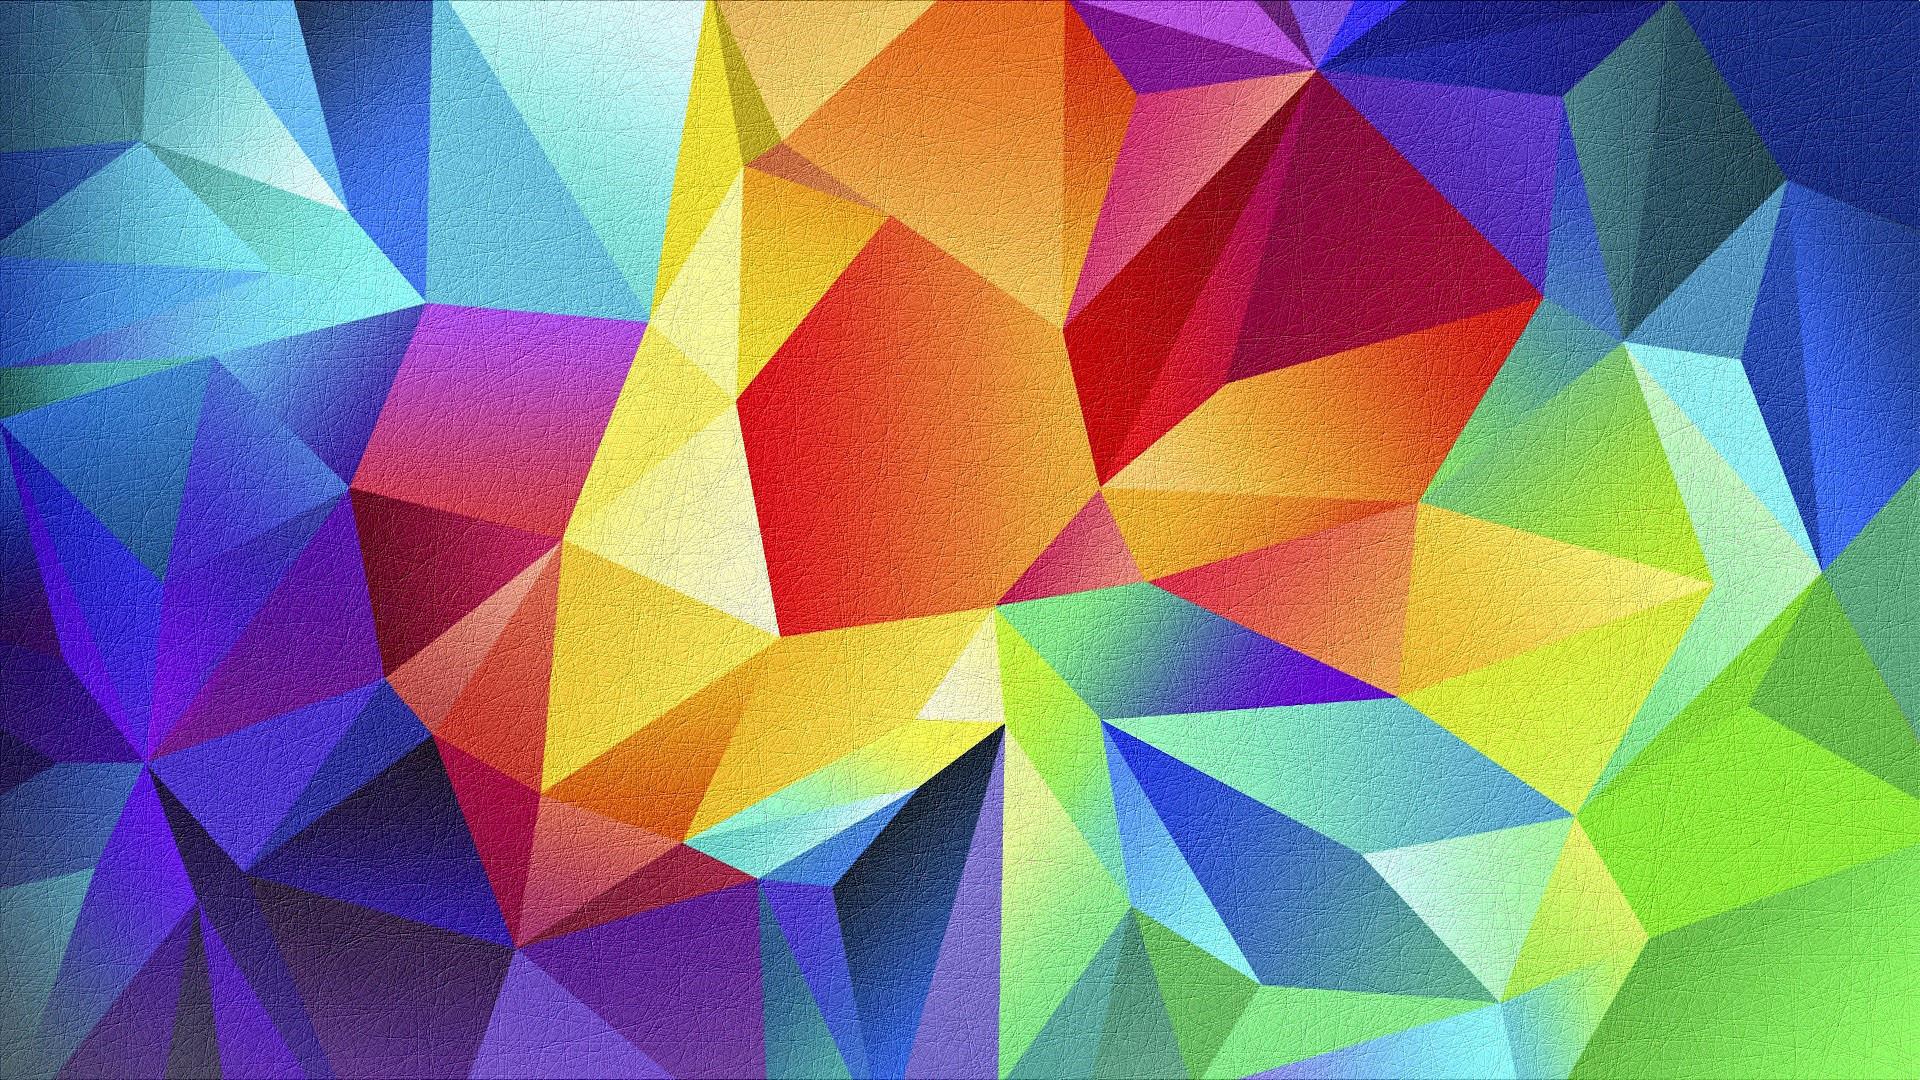 Samsung Abstract Wallpaper